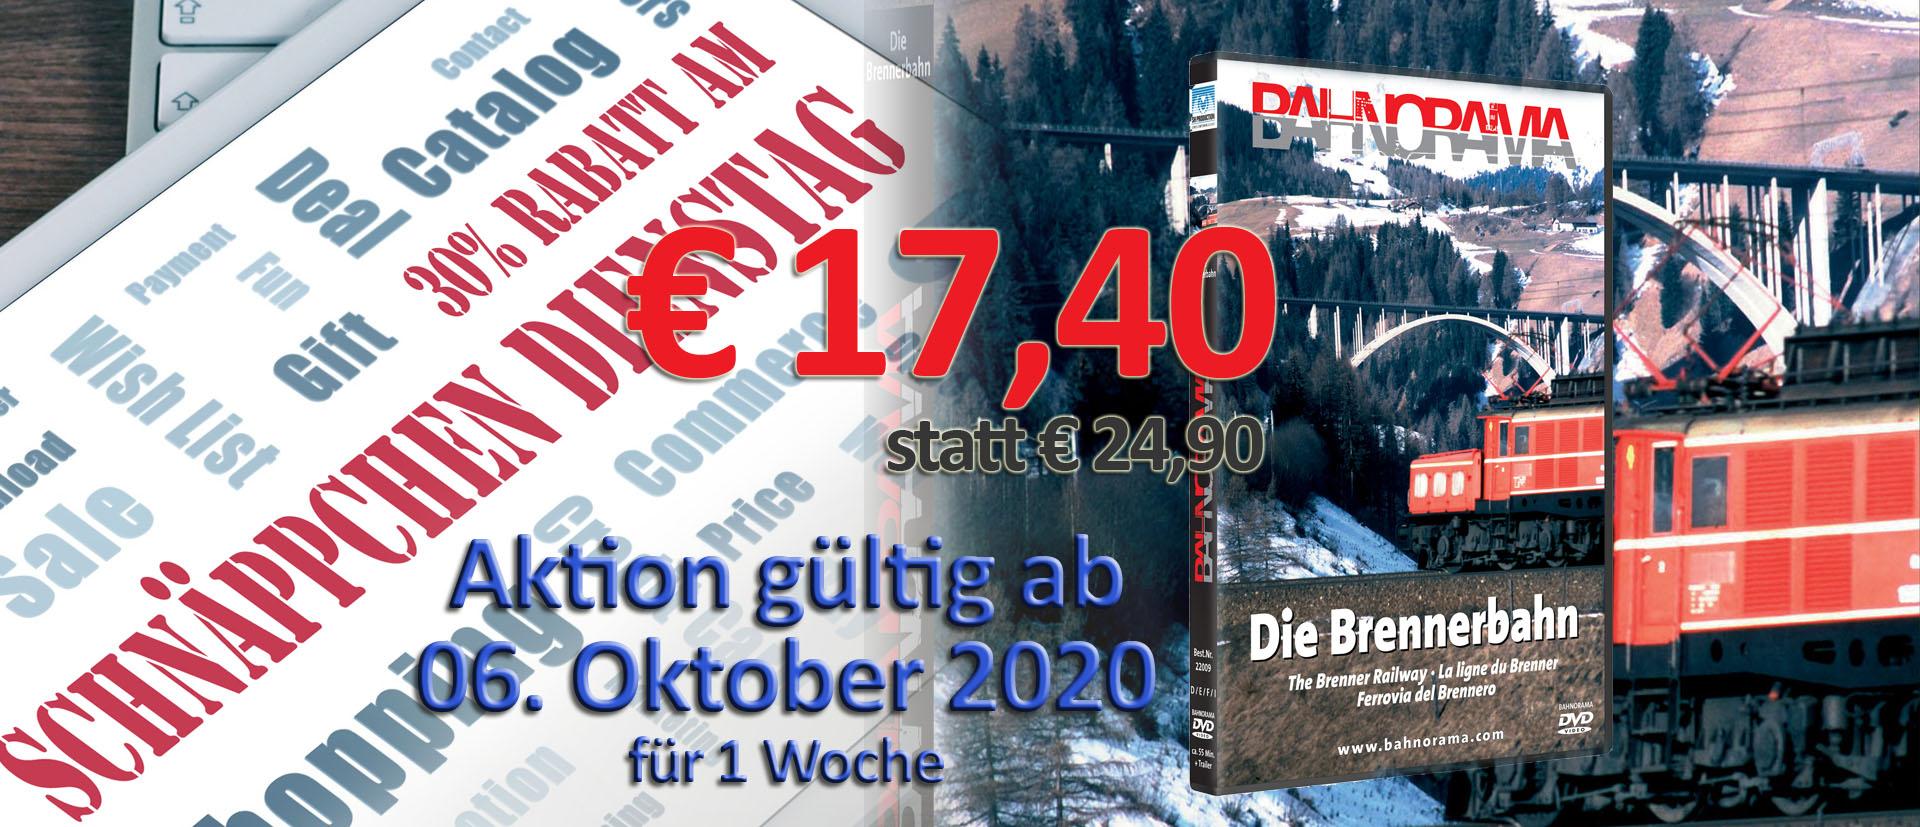 2020 10 06_schnäppchen dienstag Brennerbahn